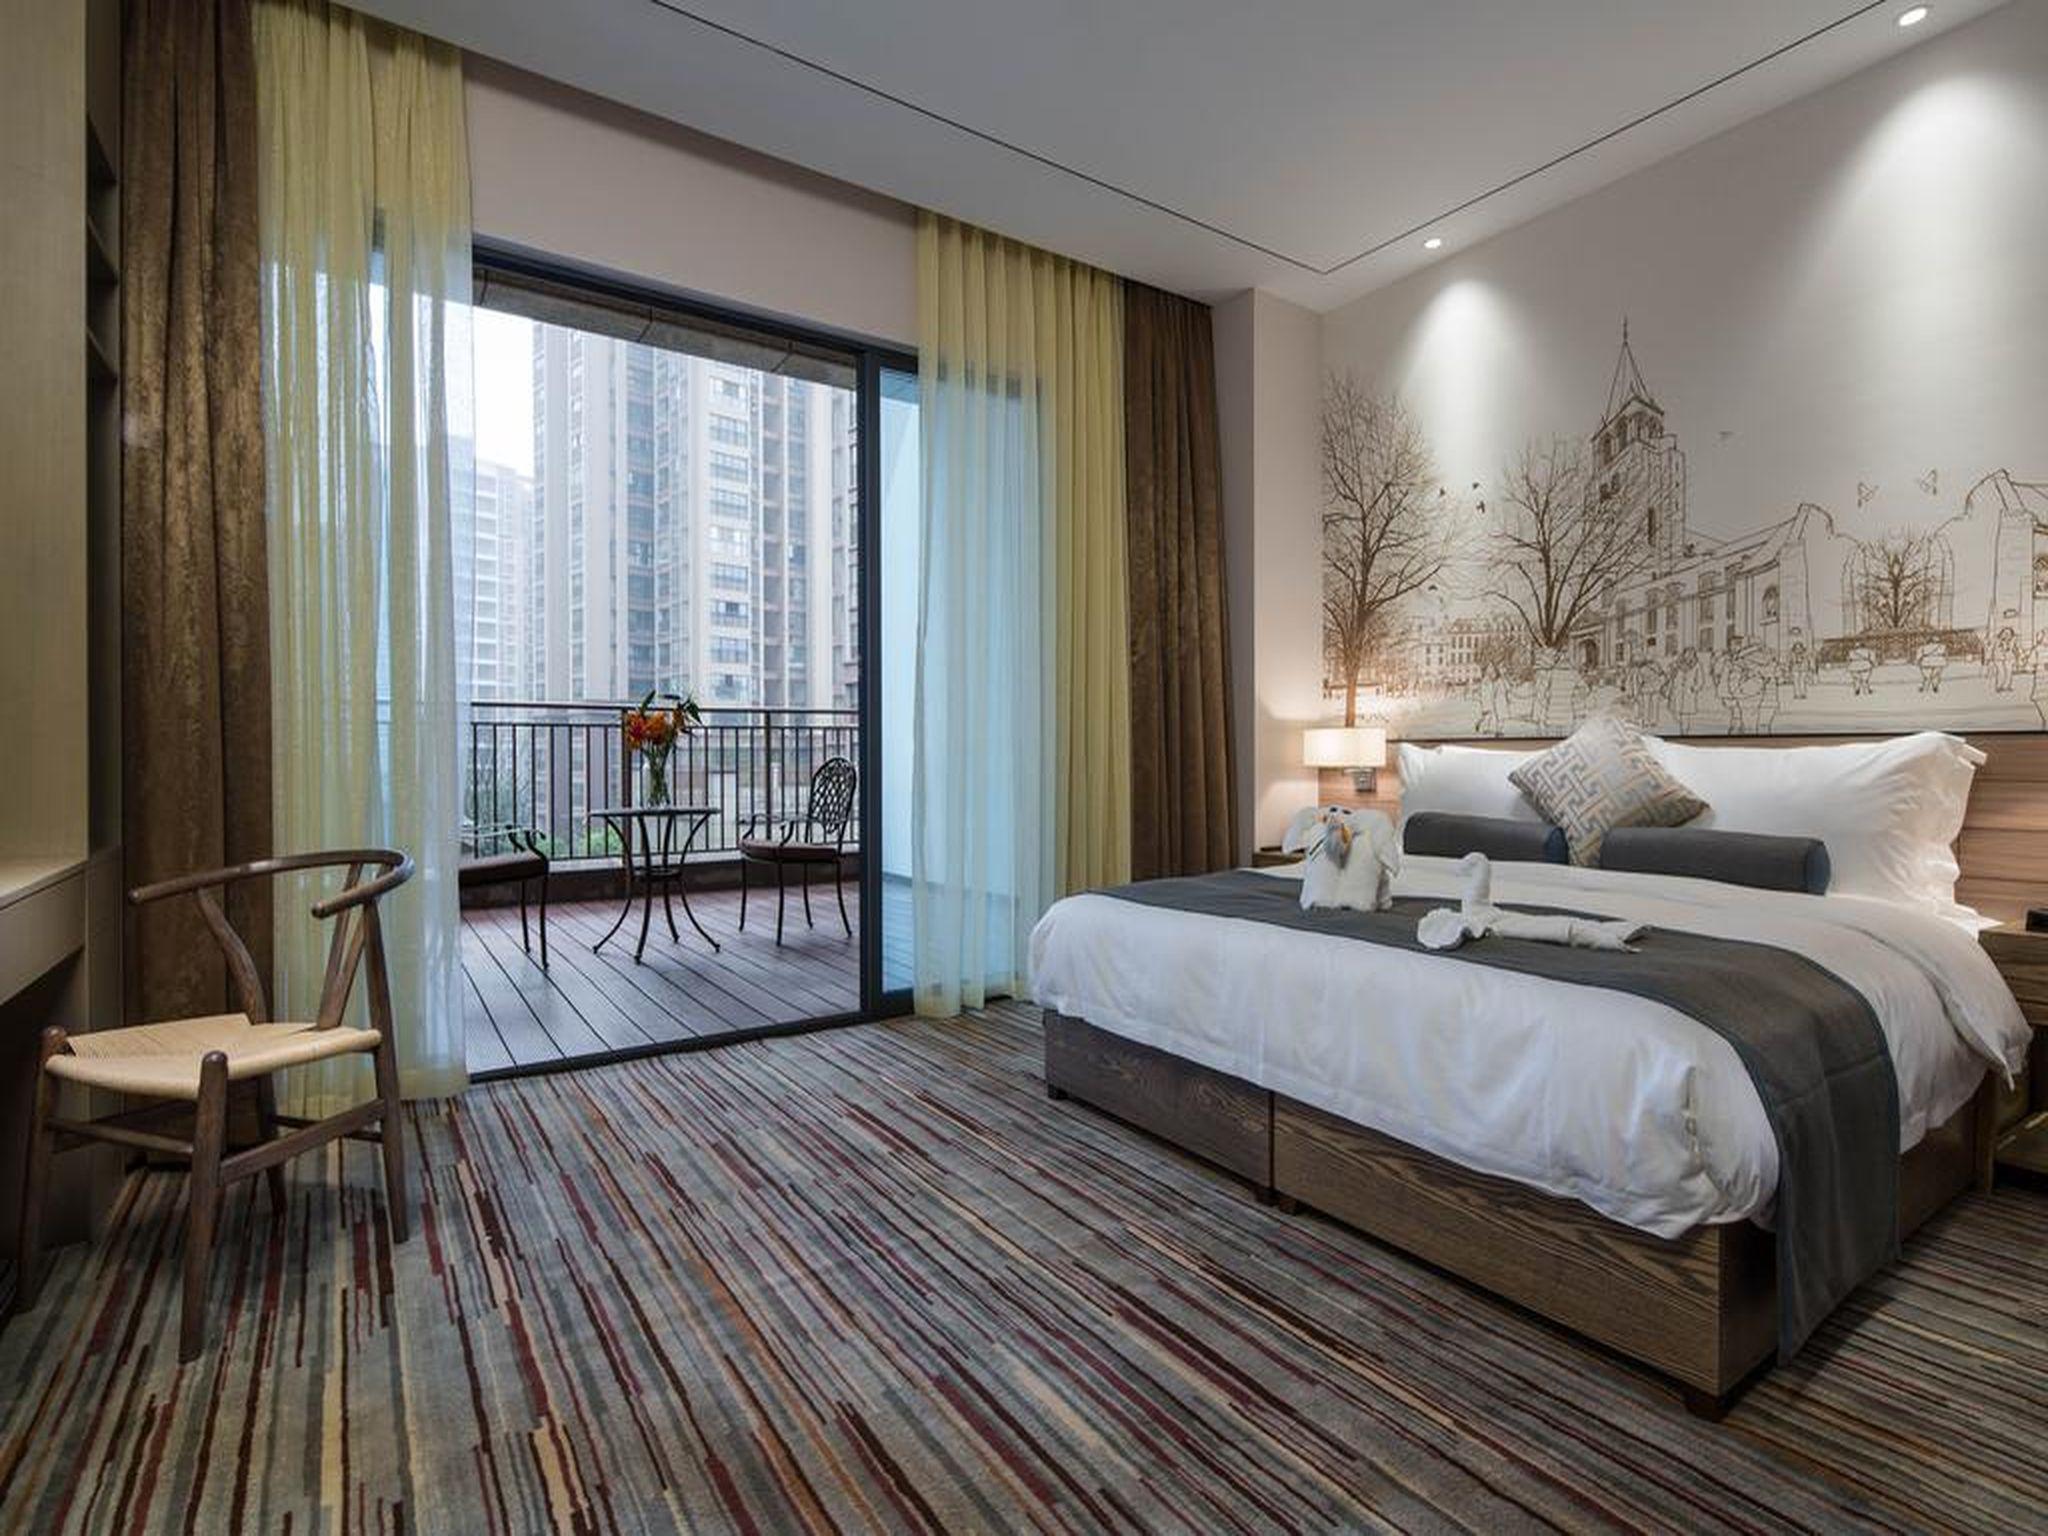 Prolit Hotel Of Lan Ke Cheng